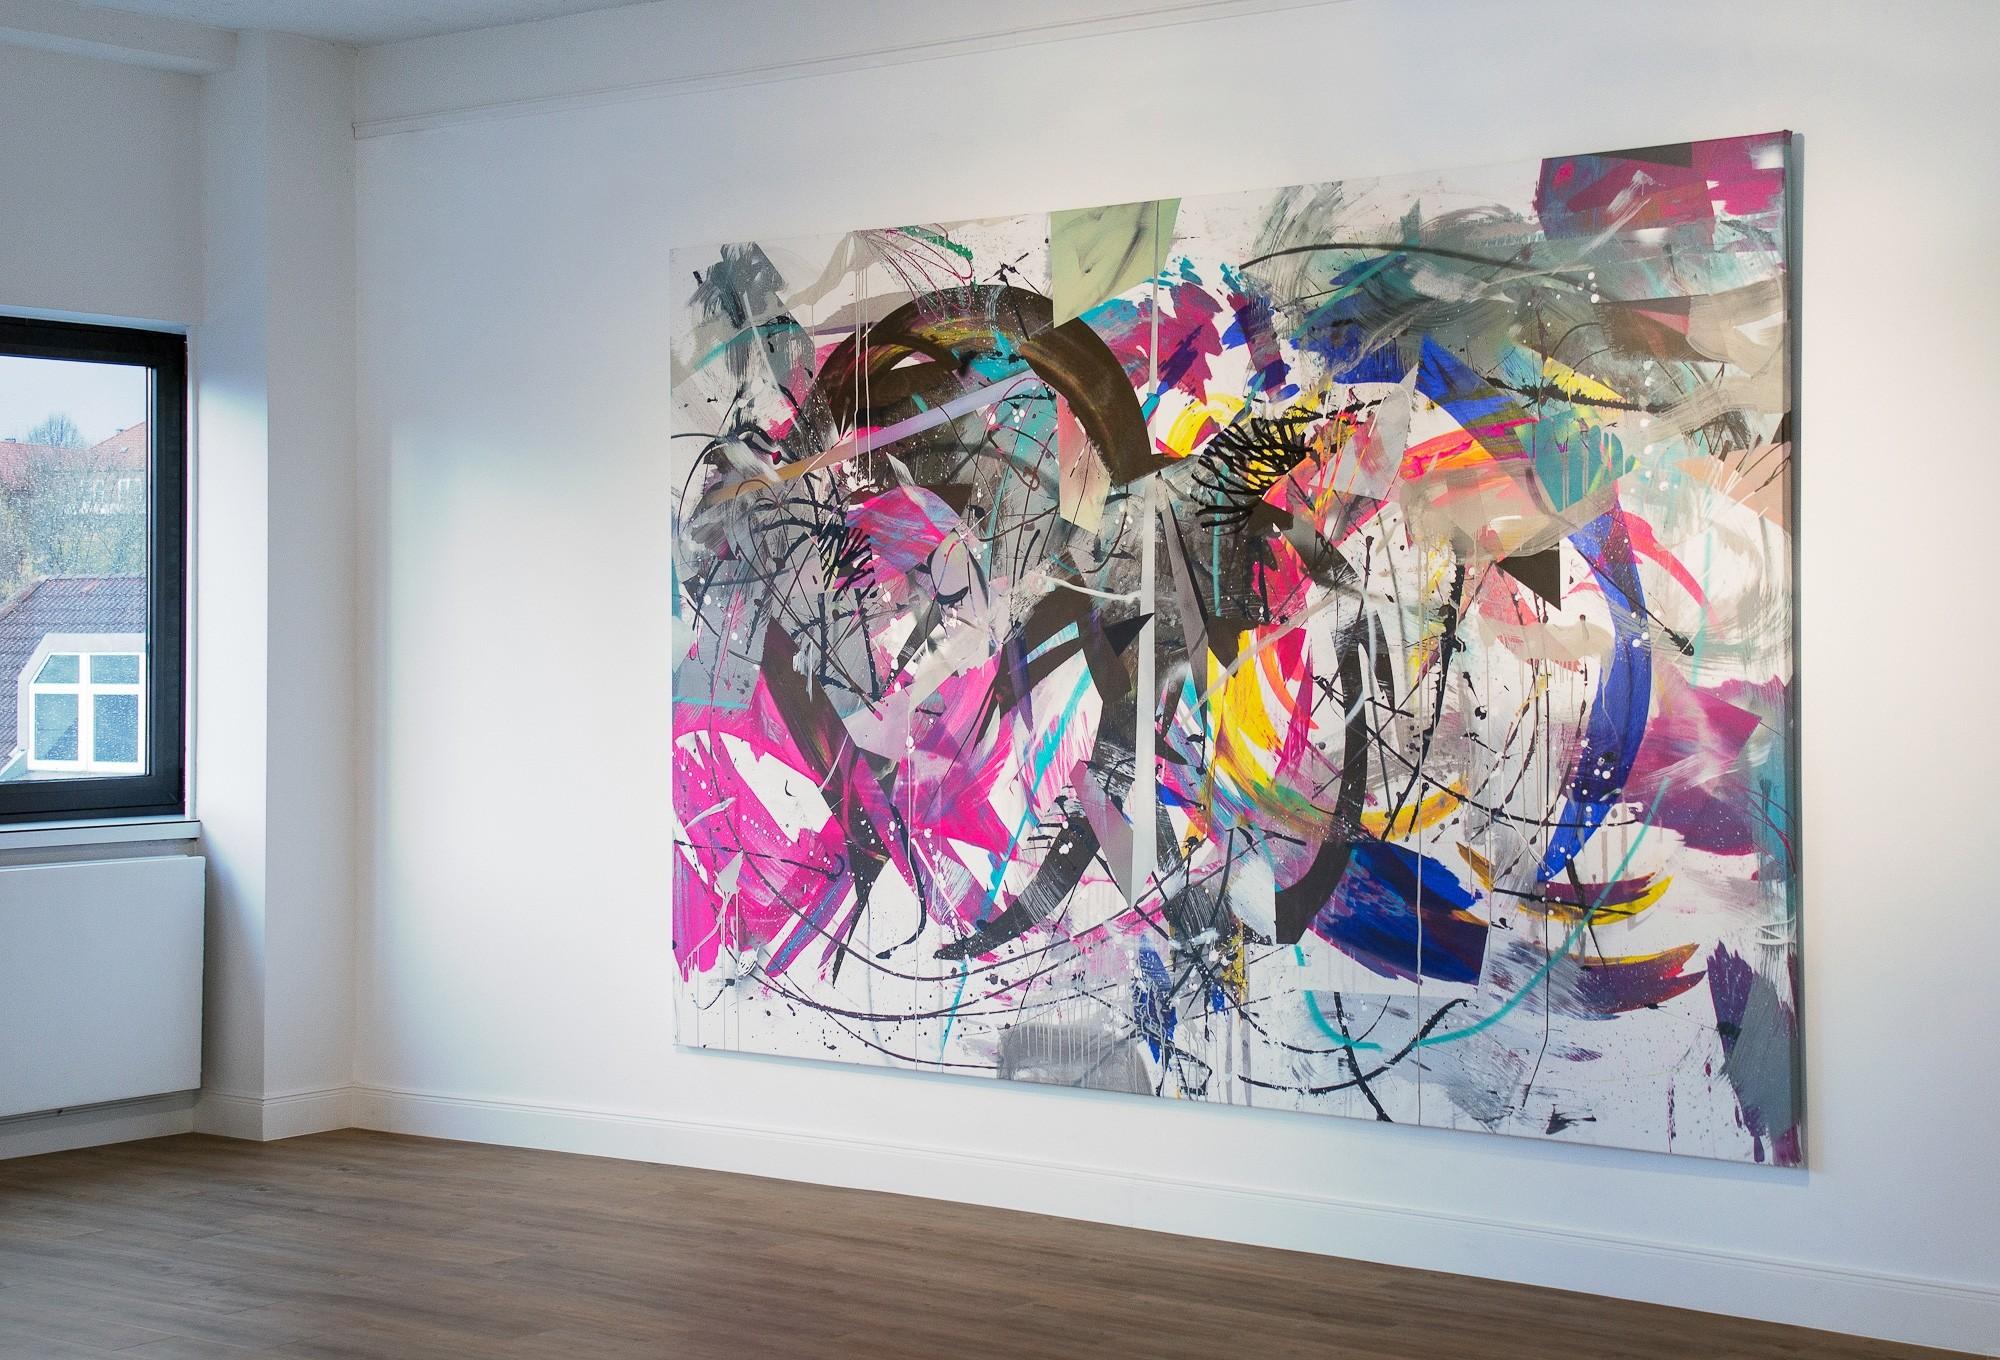 O.T. 24, Malerei von Malwin Faber, Öl, Acryl und Sprühfarbe auf Leinwand - 02